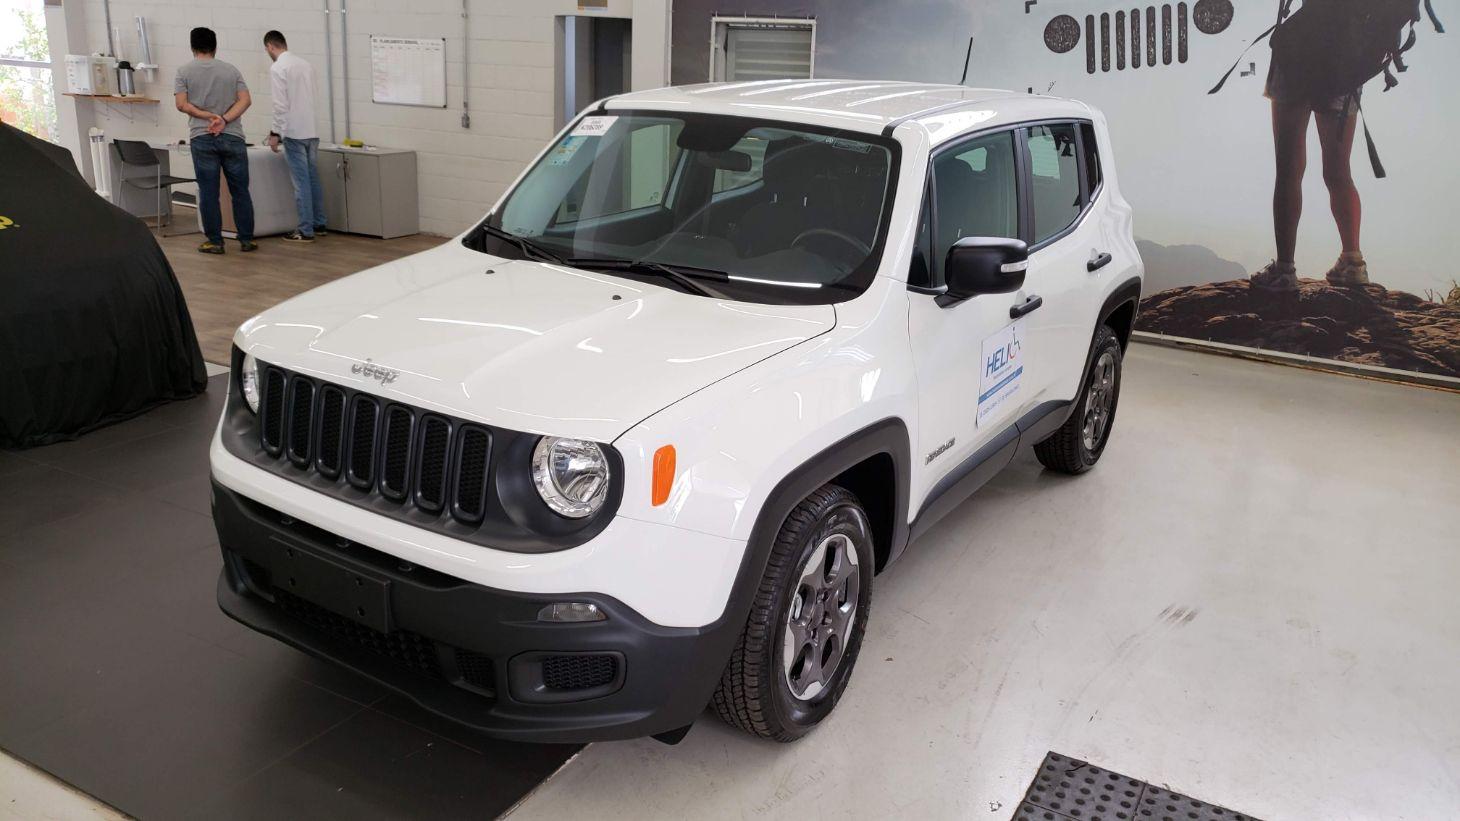 jeep_renegade_pcd_foto_alessandro_fernandes Carro para PcD: melhor custo-benefício por faixa de preço...